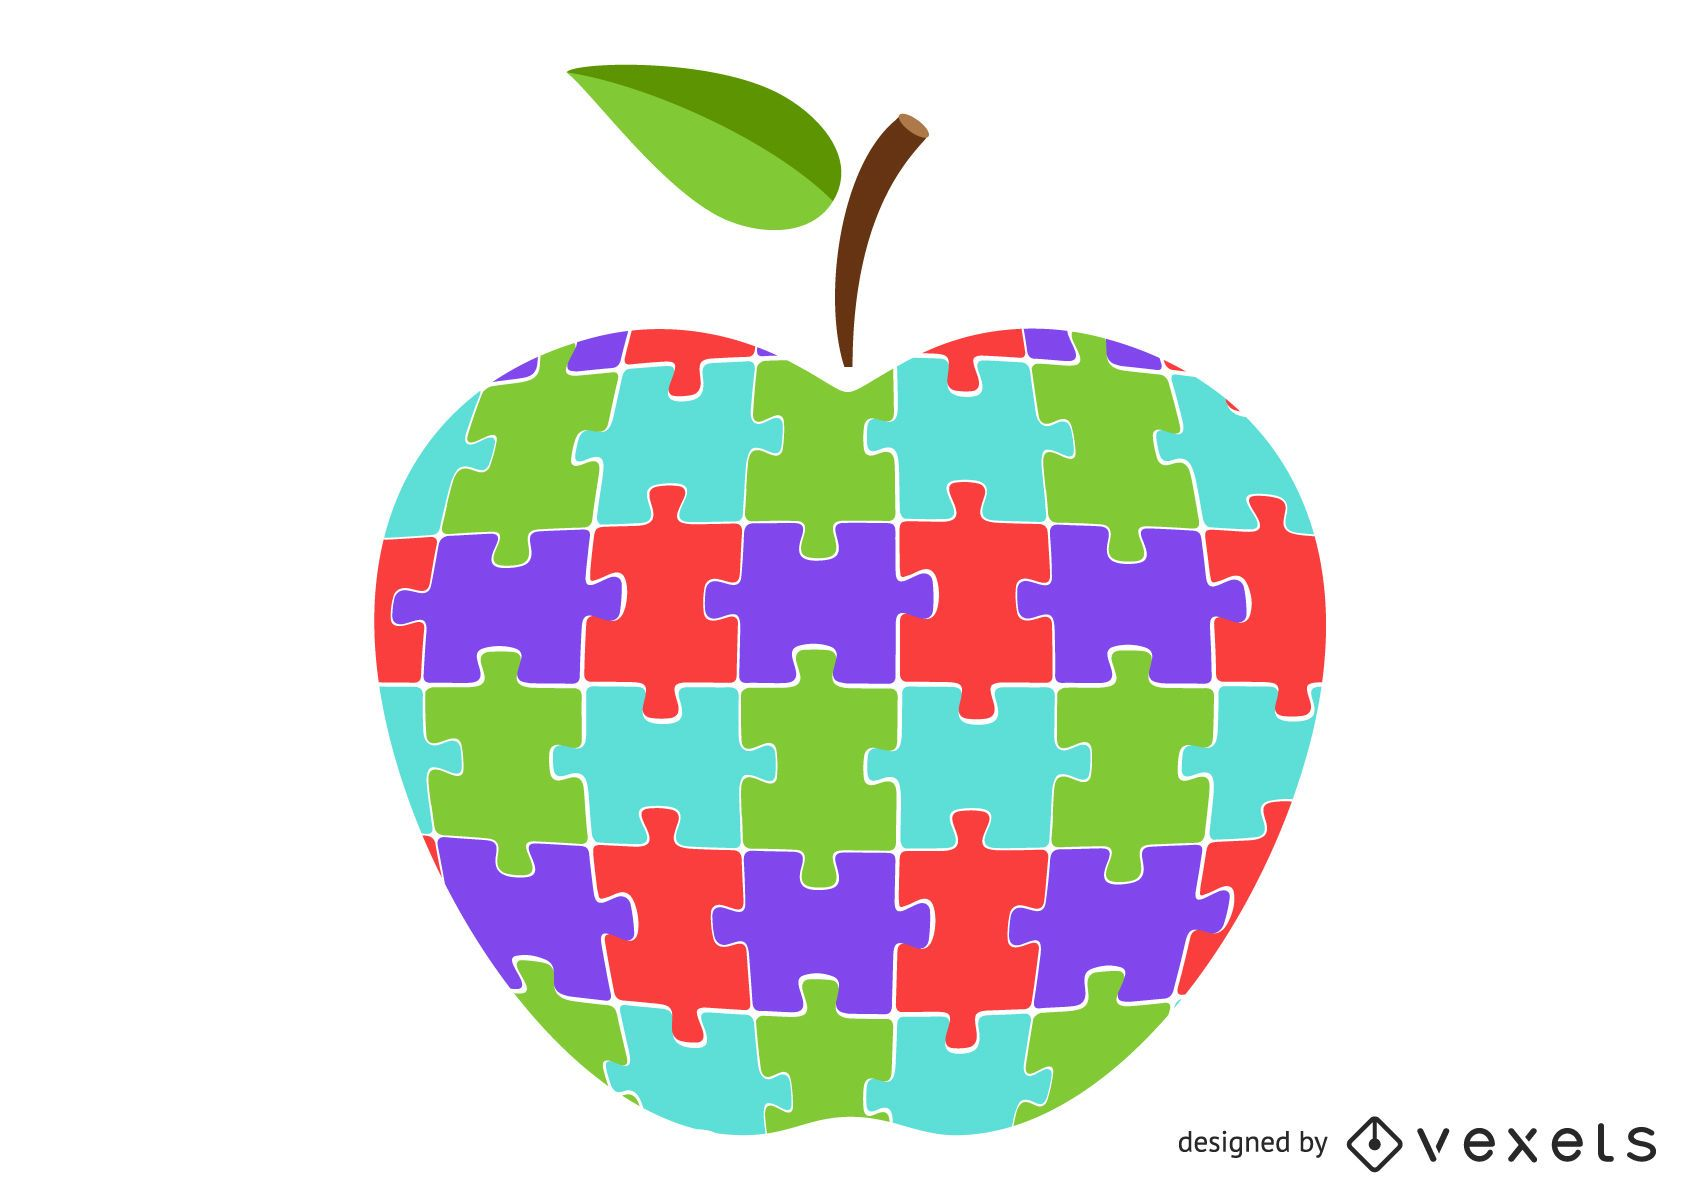 Diseño colorido del ejemplo del rompecabezas de la manzana